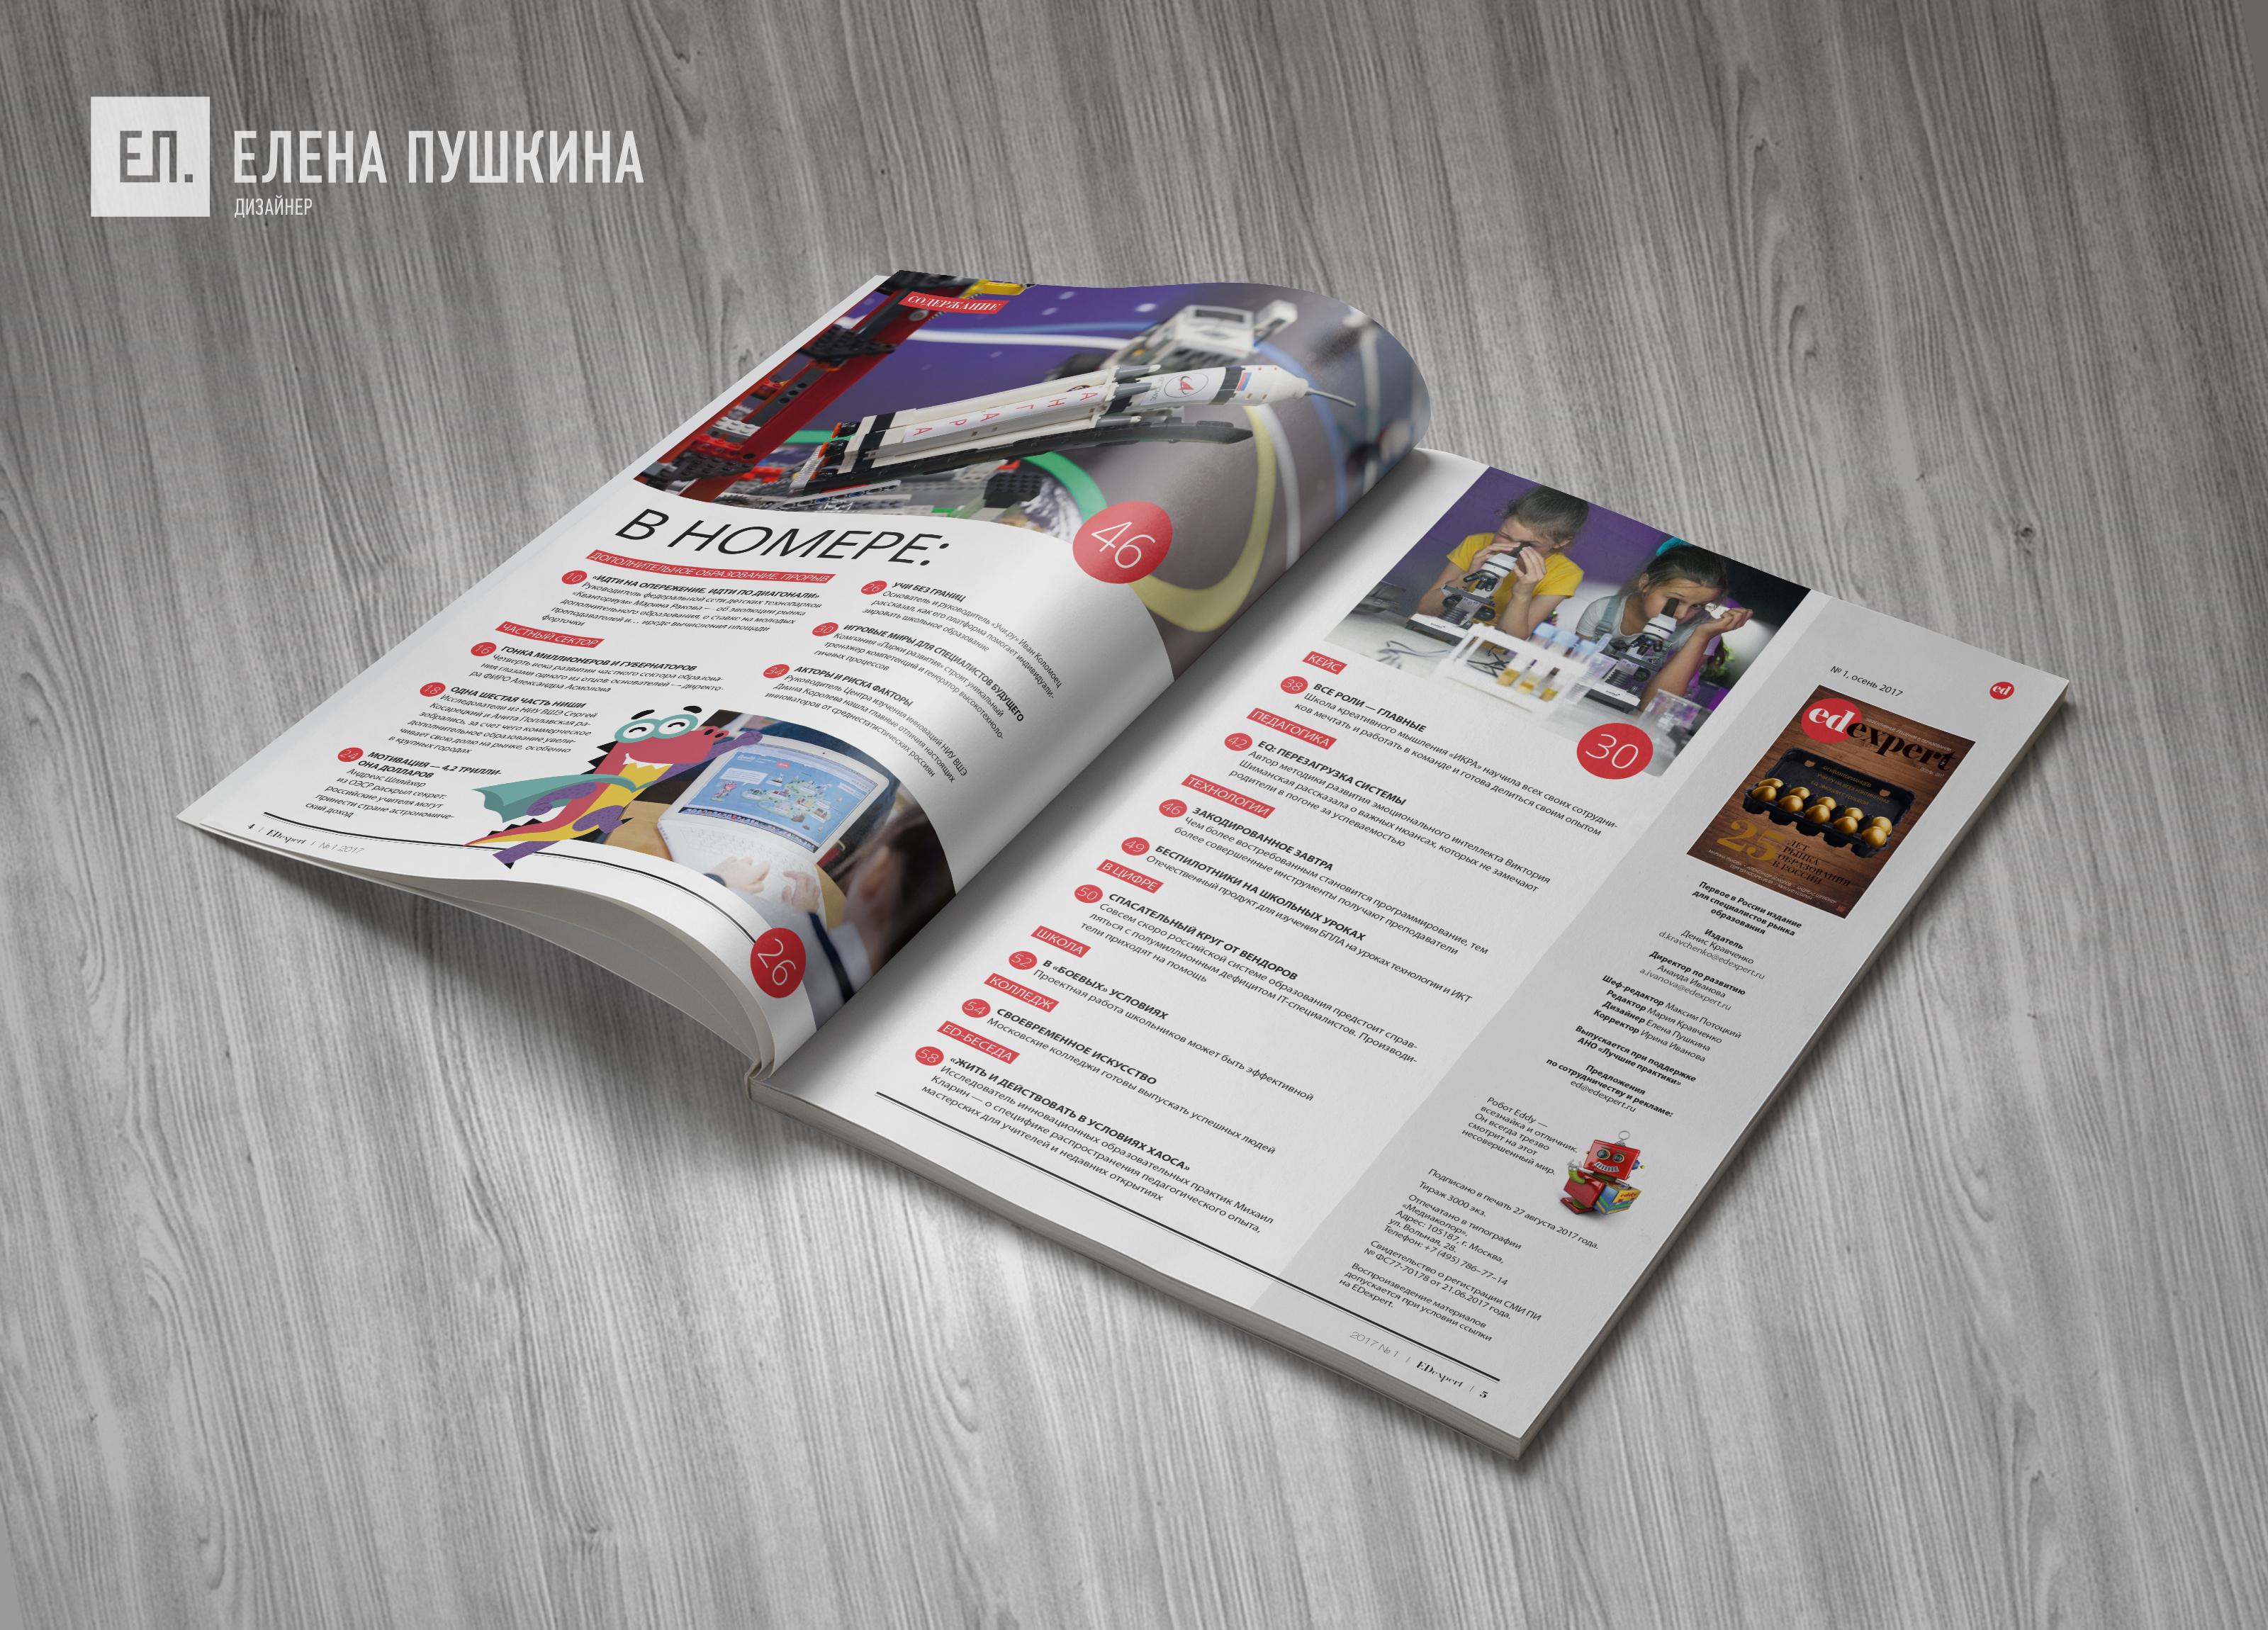 Журнал «EDexpert» №1 осень 2017— разработка с«нуля» логотипа, обложки, макета ивёрстка журнала Разработка журналов Портфолио